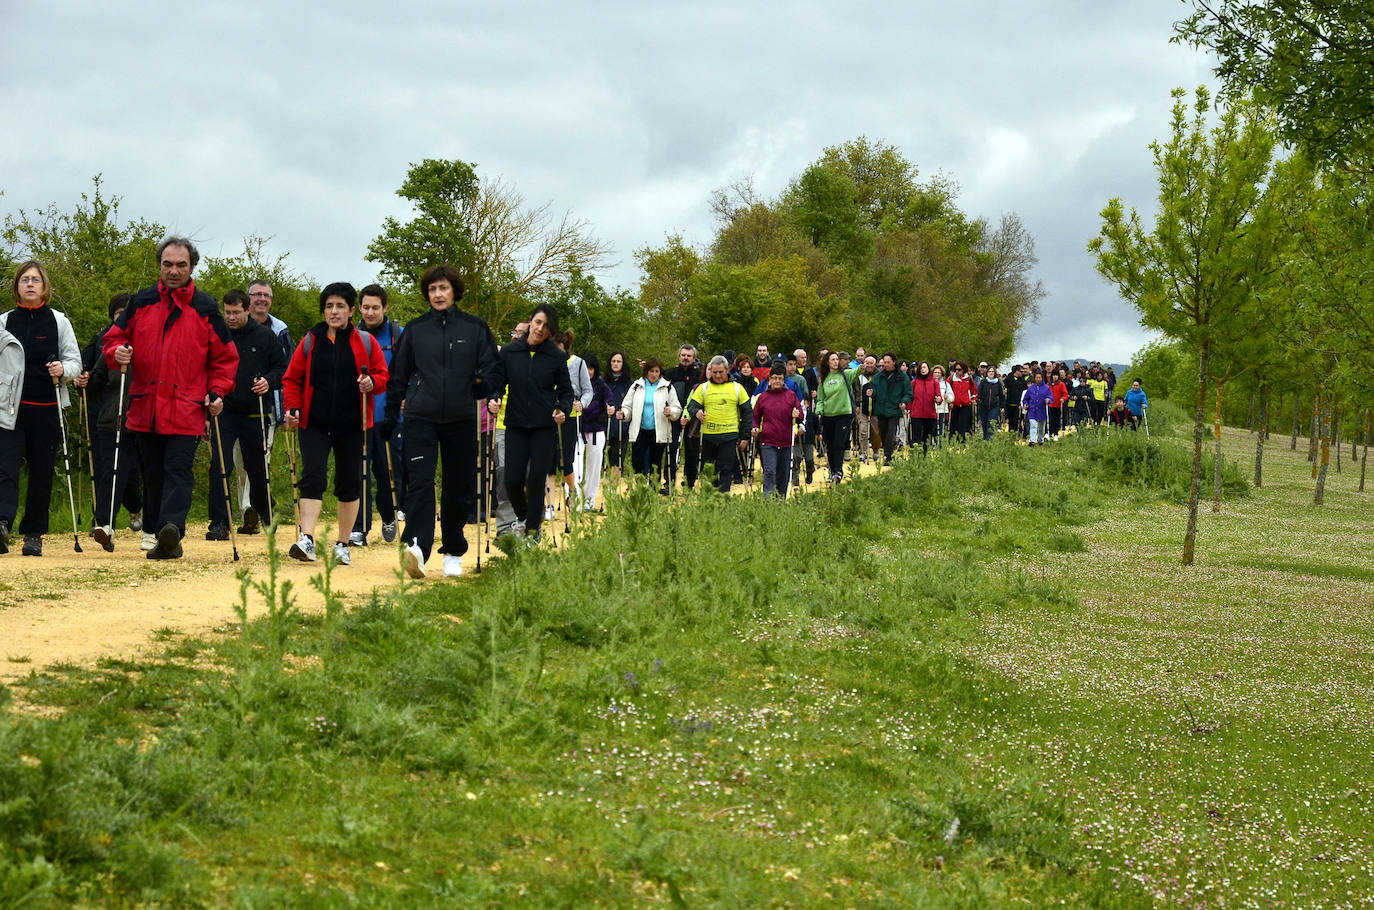 Valdegovía espera 300 participantes en la fiesta Nordic Walking de mañana